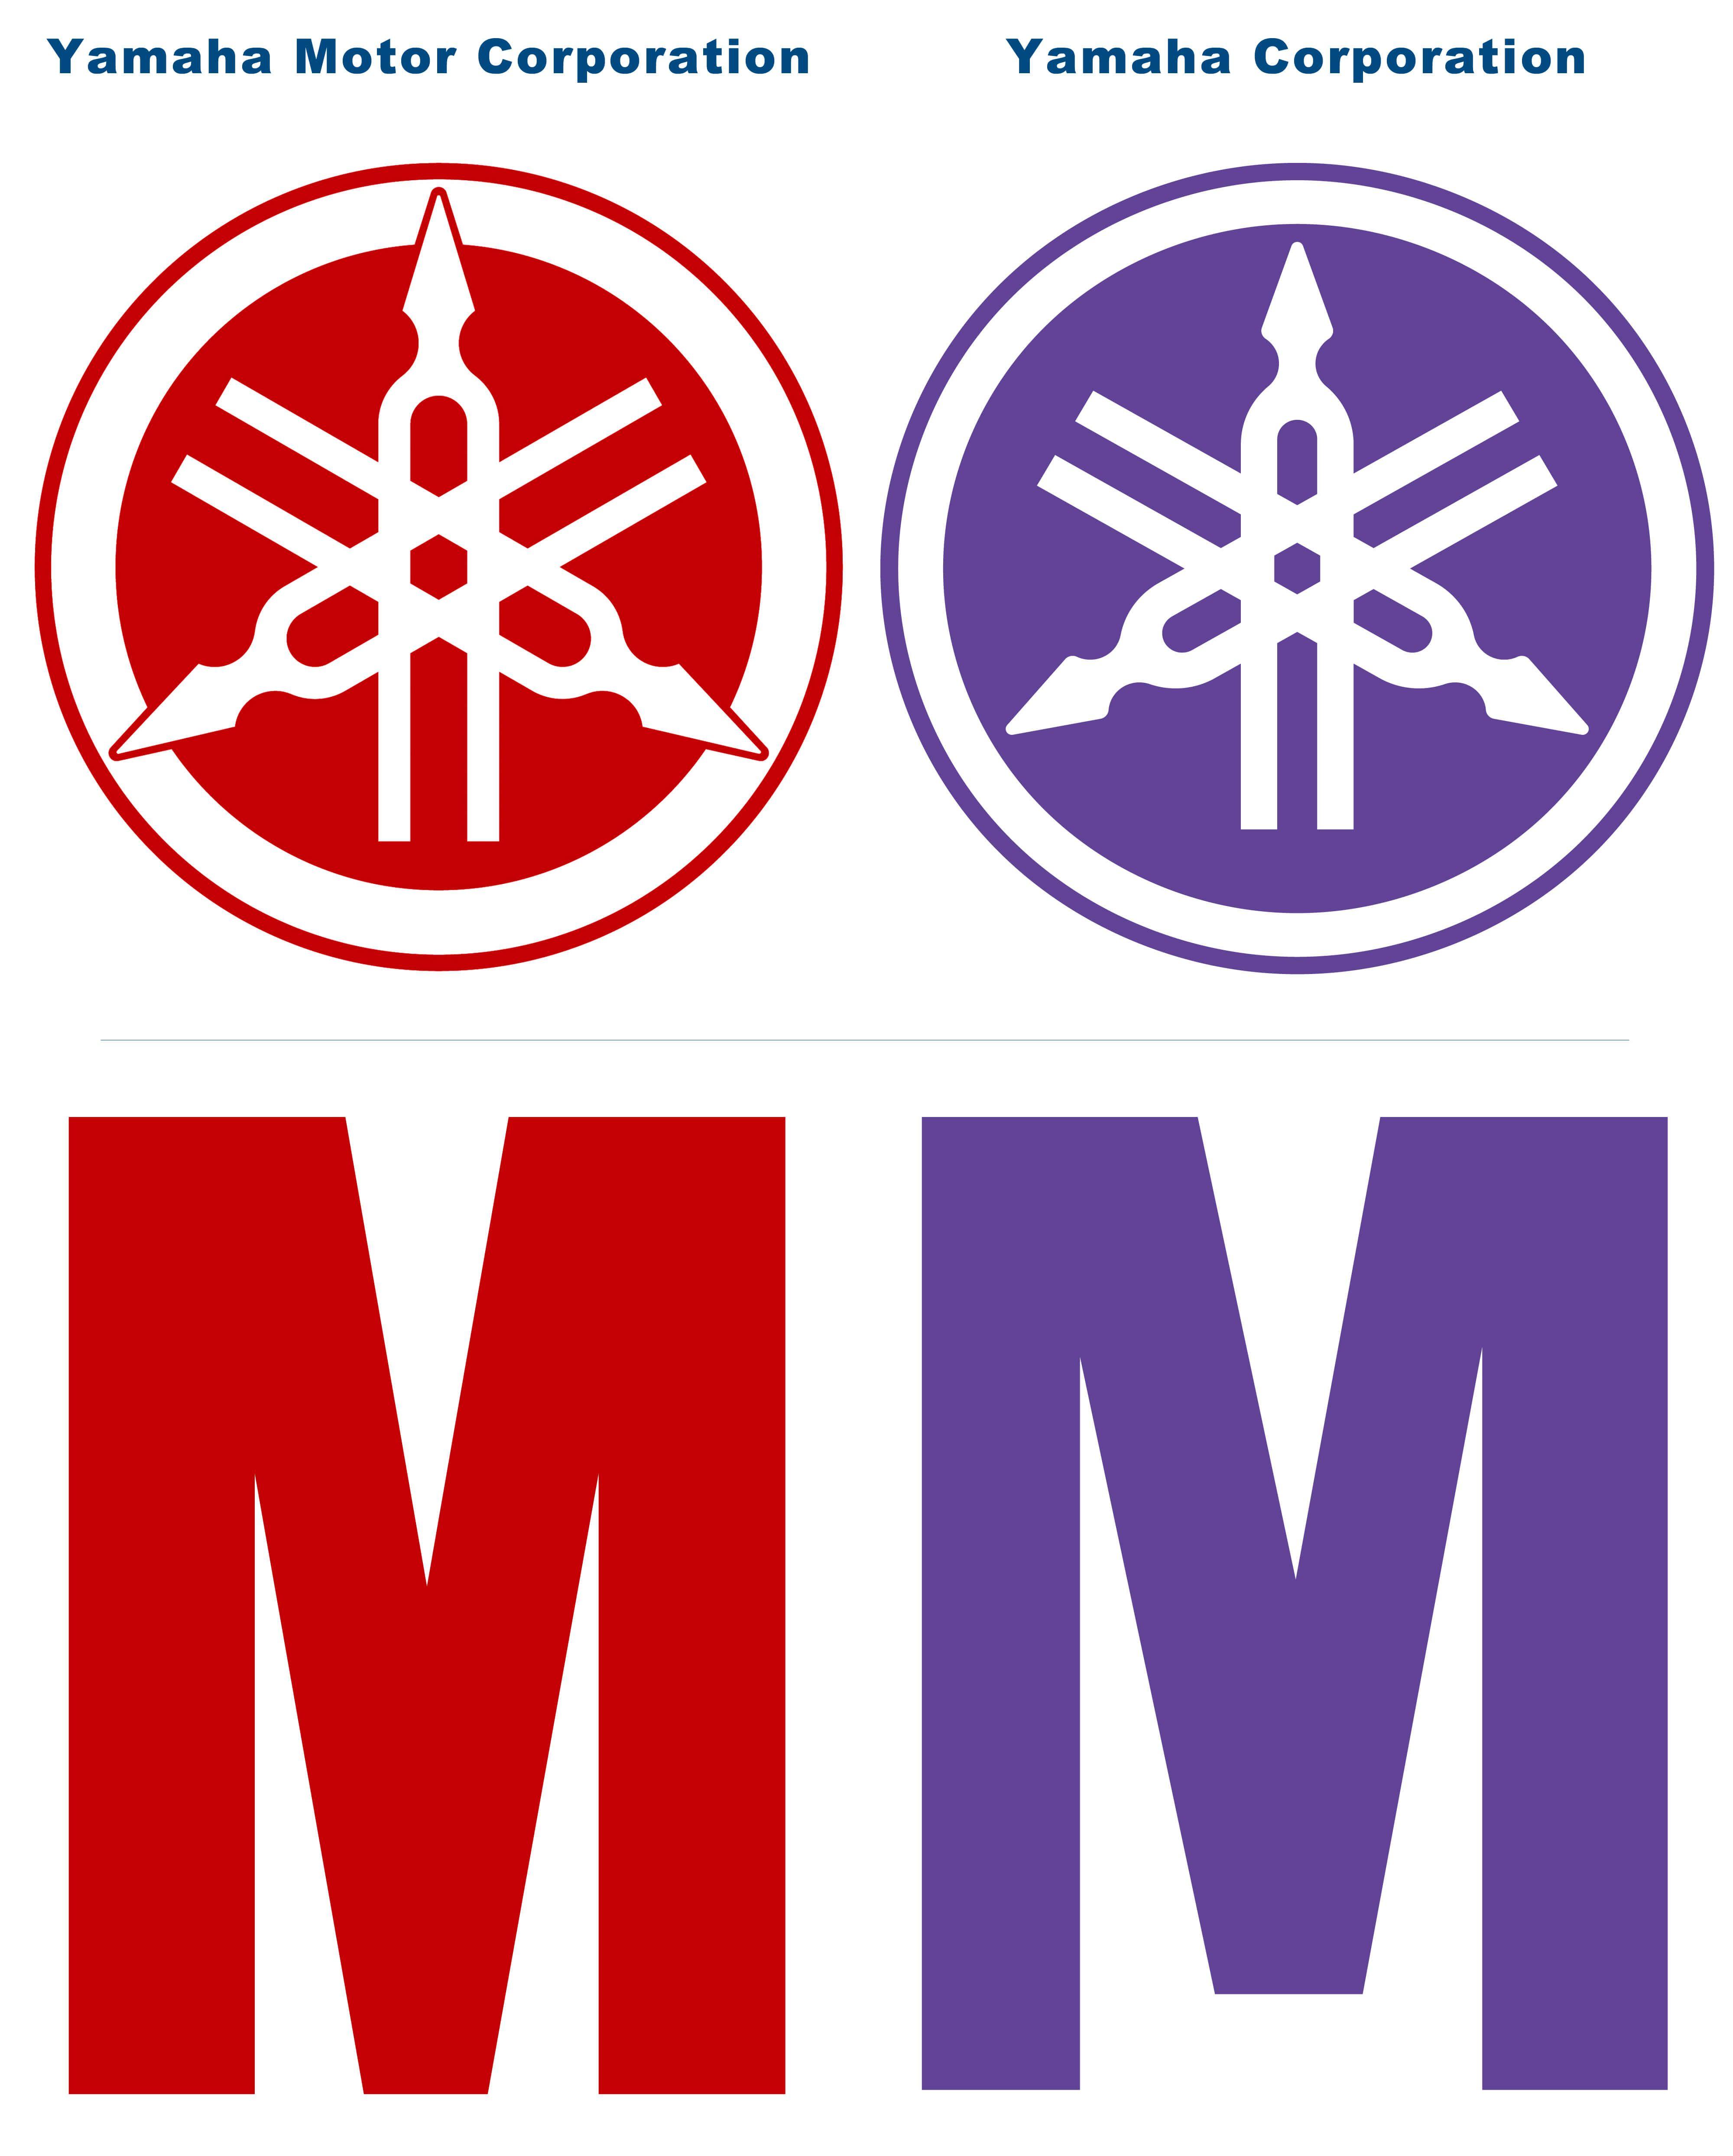 medium resolution of yamaha emblems yamaha logo yamaha motorcycles motorcycle logo motor company yamaha motorbikes